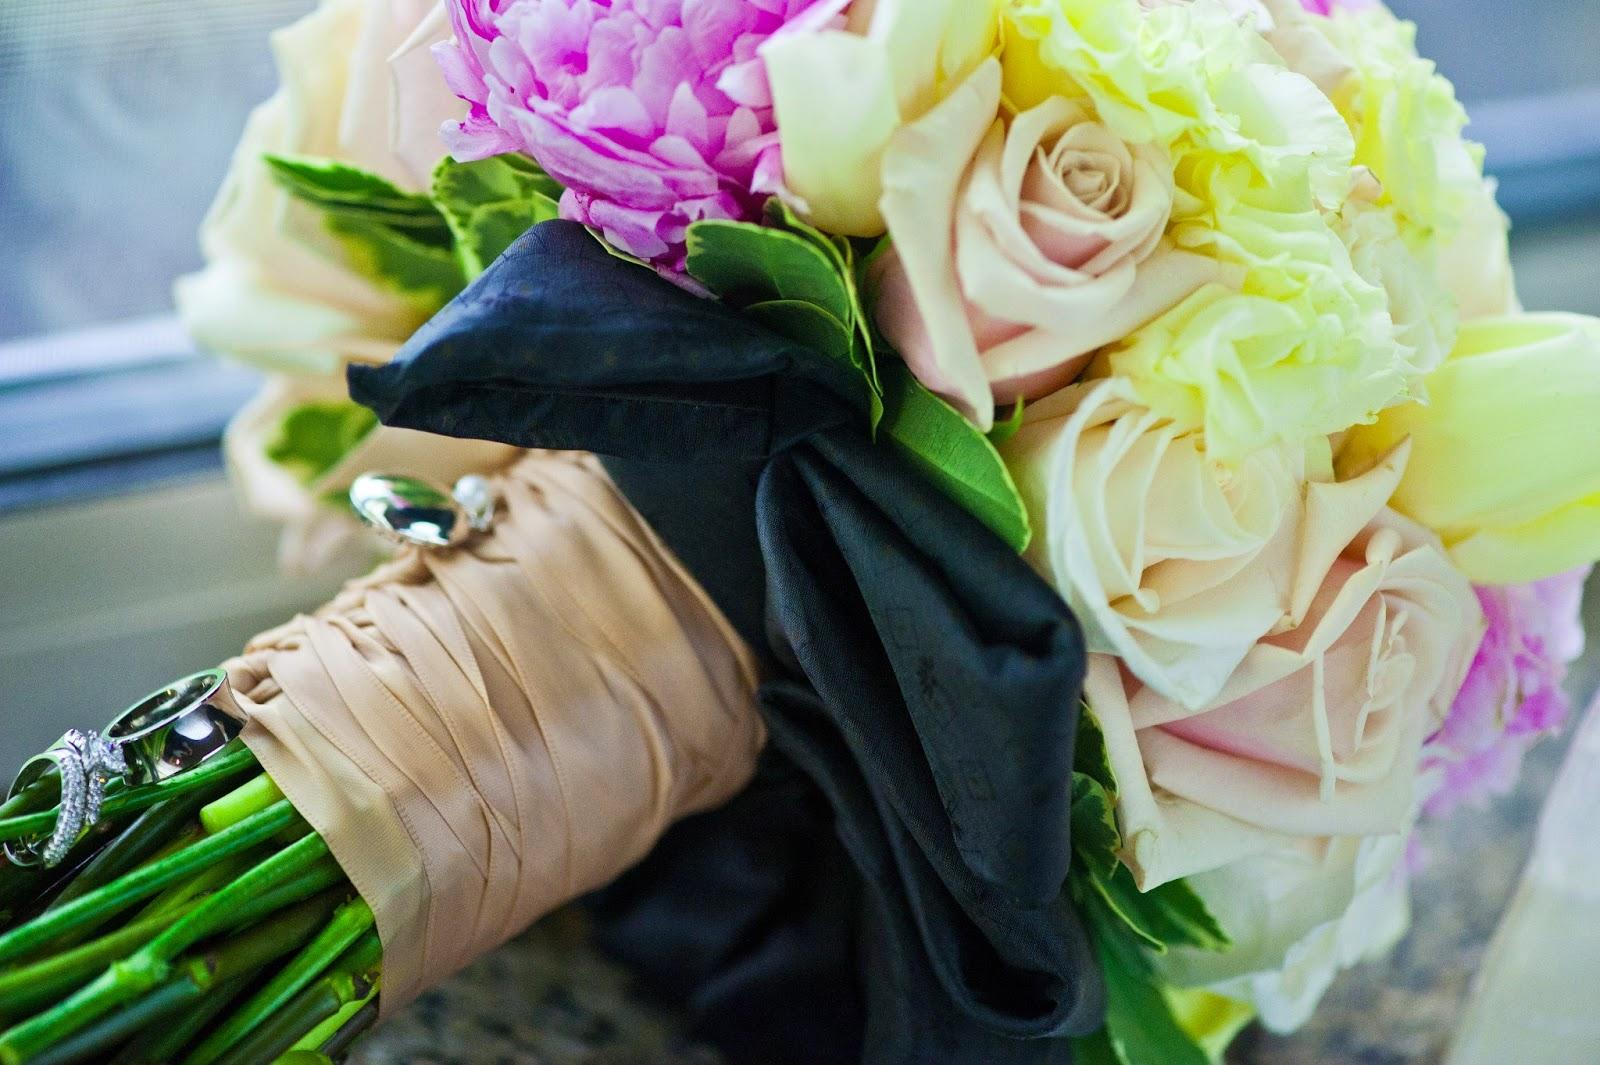 http://3.bp.blogspot.com/-QTZDMhRRxp4/UQqfh9nzh4I/AAAAAAAAAv8/6JkvSBM7Ul4/s1600/Sarah&Carmen1067.jpg